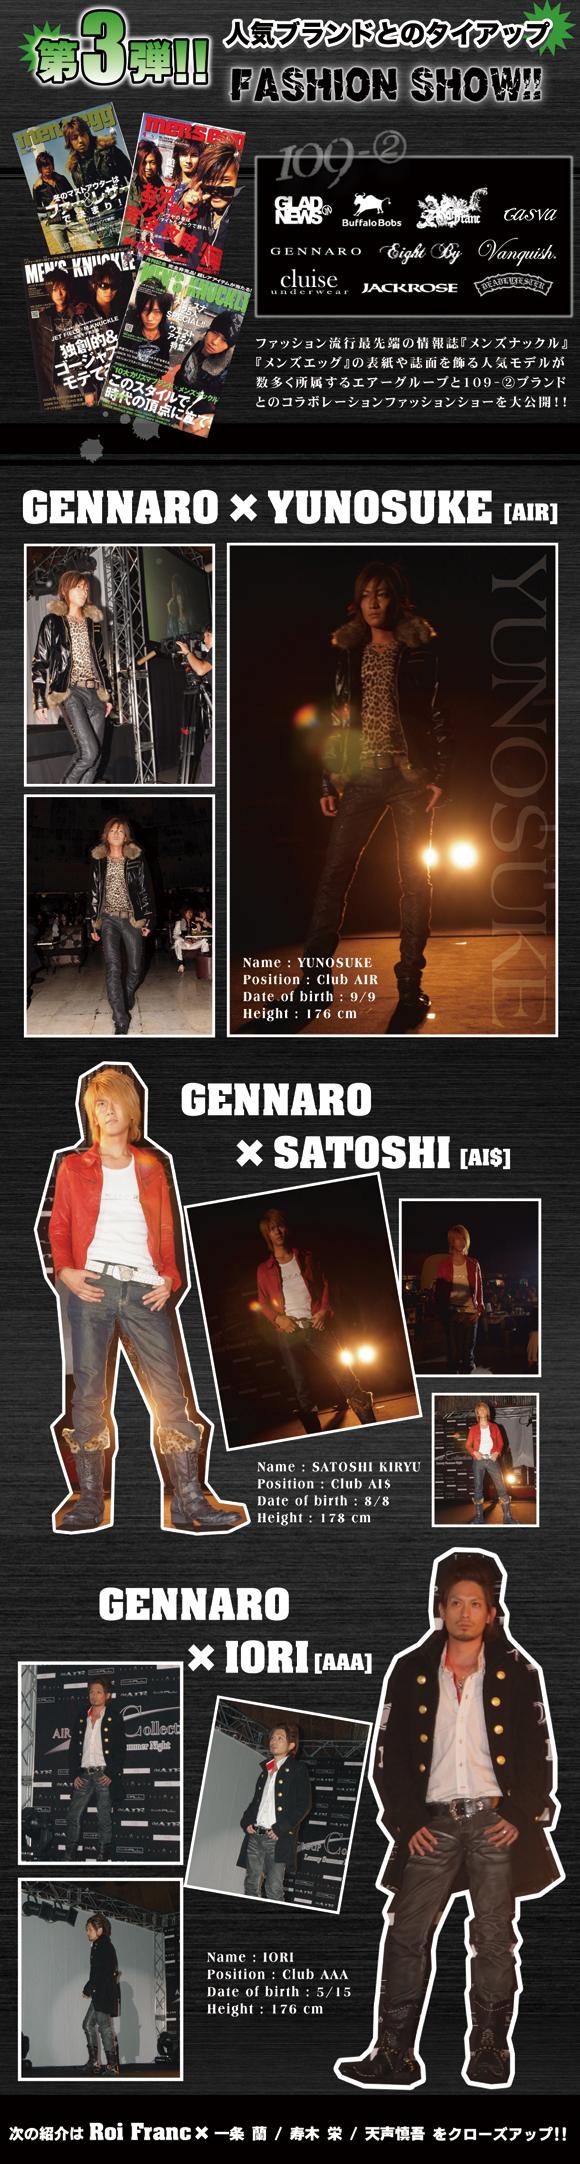 歌舞伎町のホストクラブ、エアーグループが2007年8月12日に行った、AIRGROUPCollectionのダイジェスト第3弾